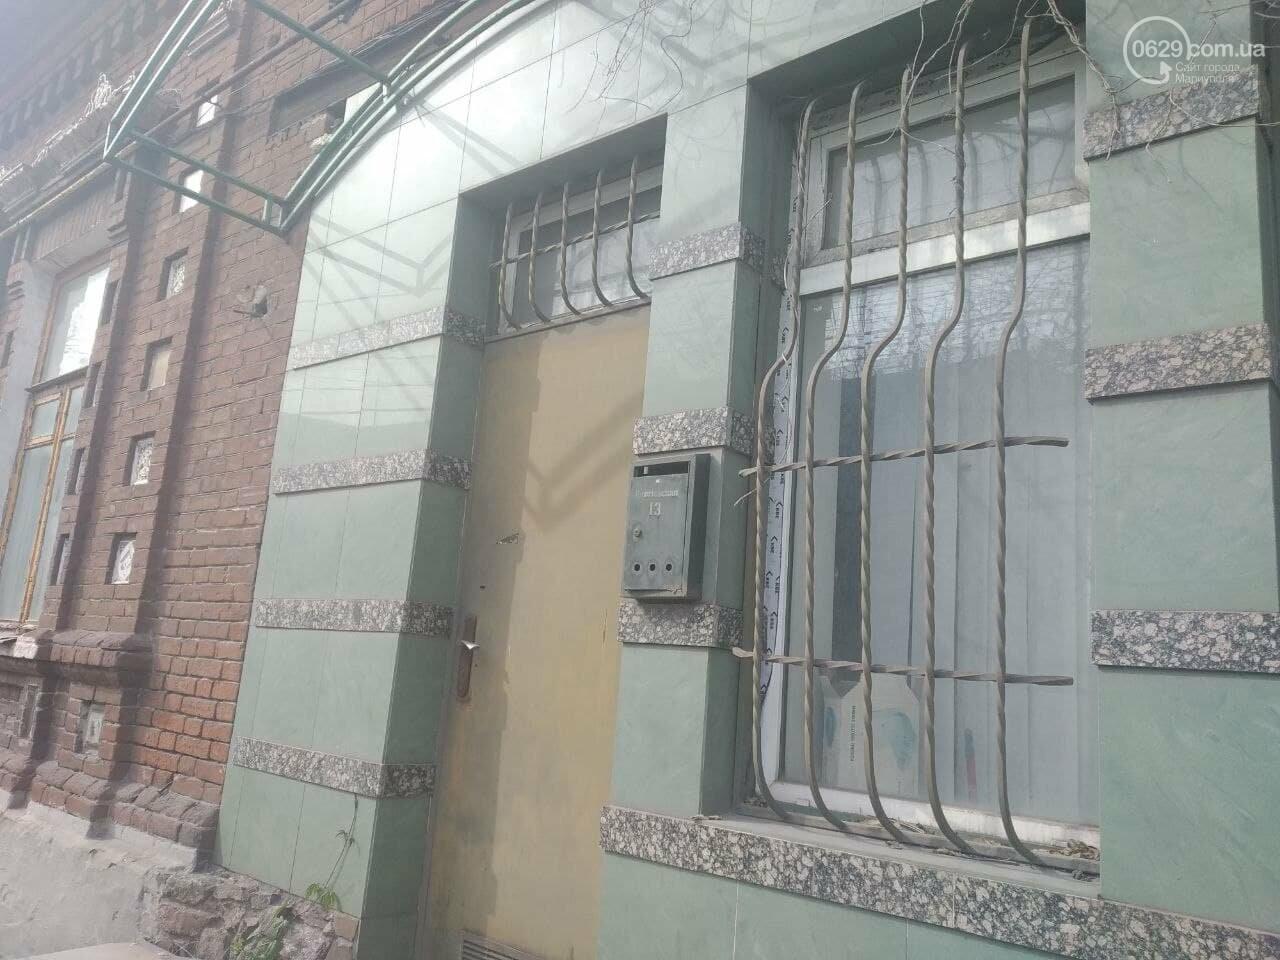 С историей, но без памяти. Как Мариуполю вернуть «Старый Город», - ФОТО, фото-6